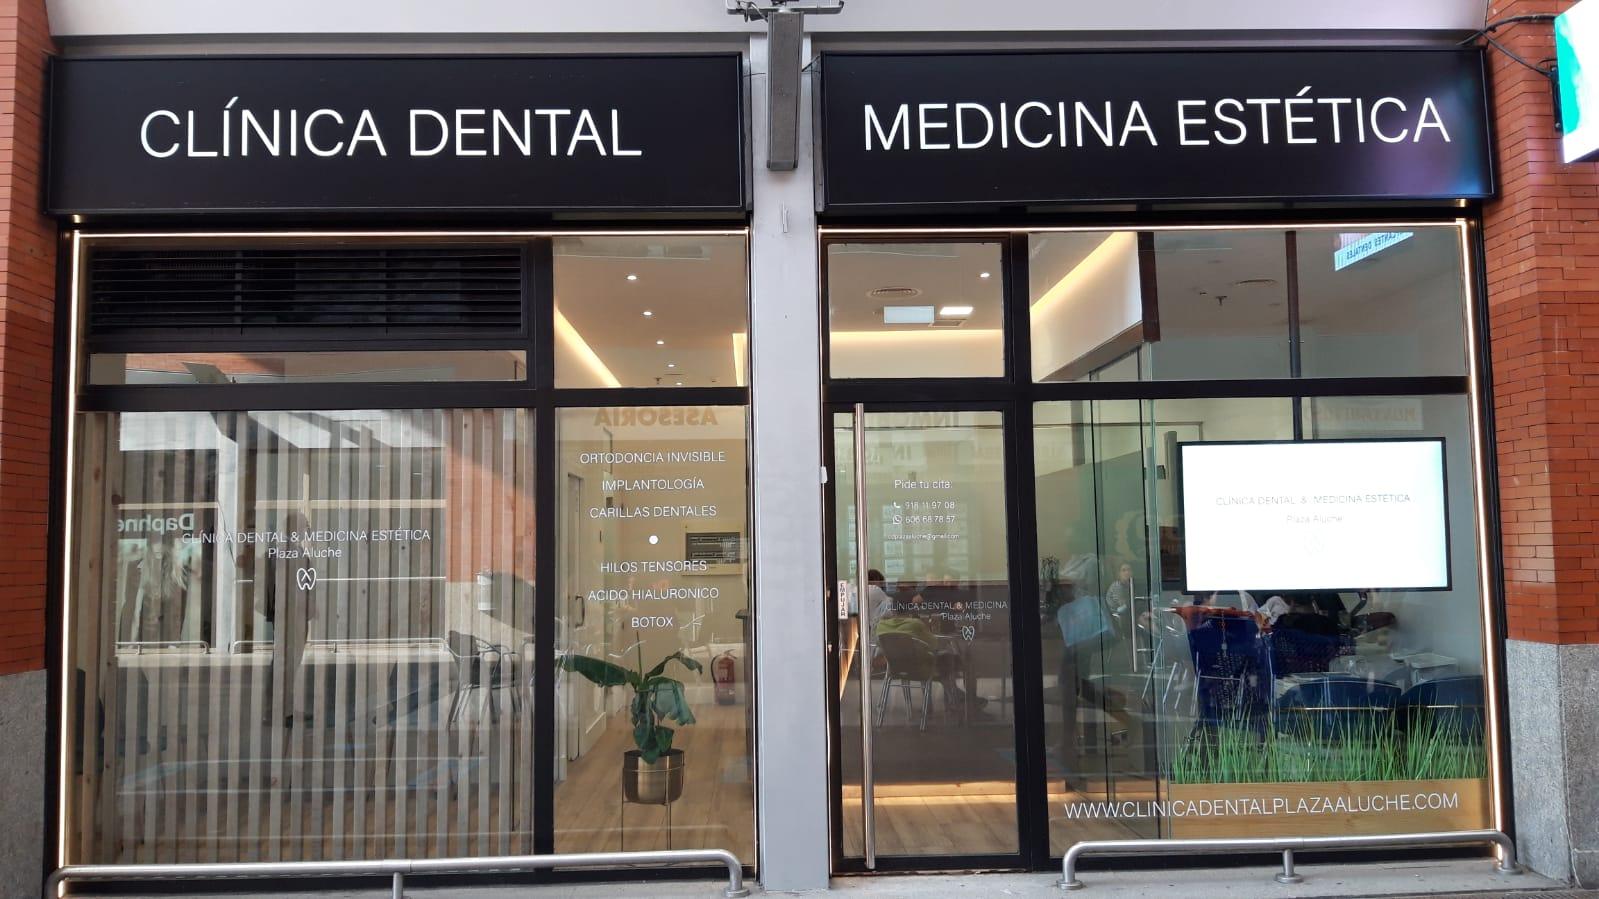 Clinica dental y medicina estetica plaza de aluche